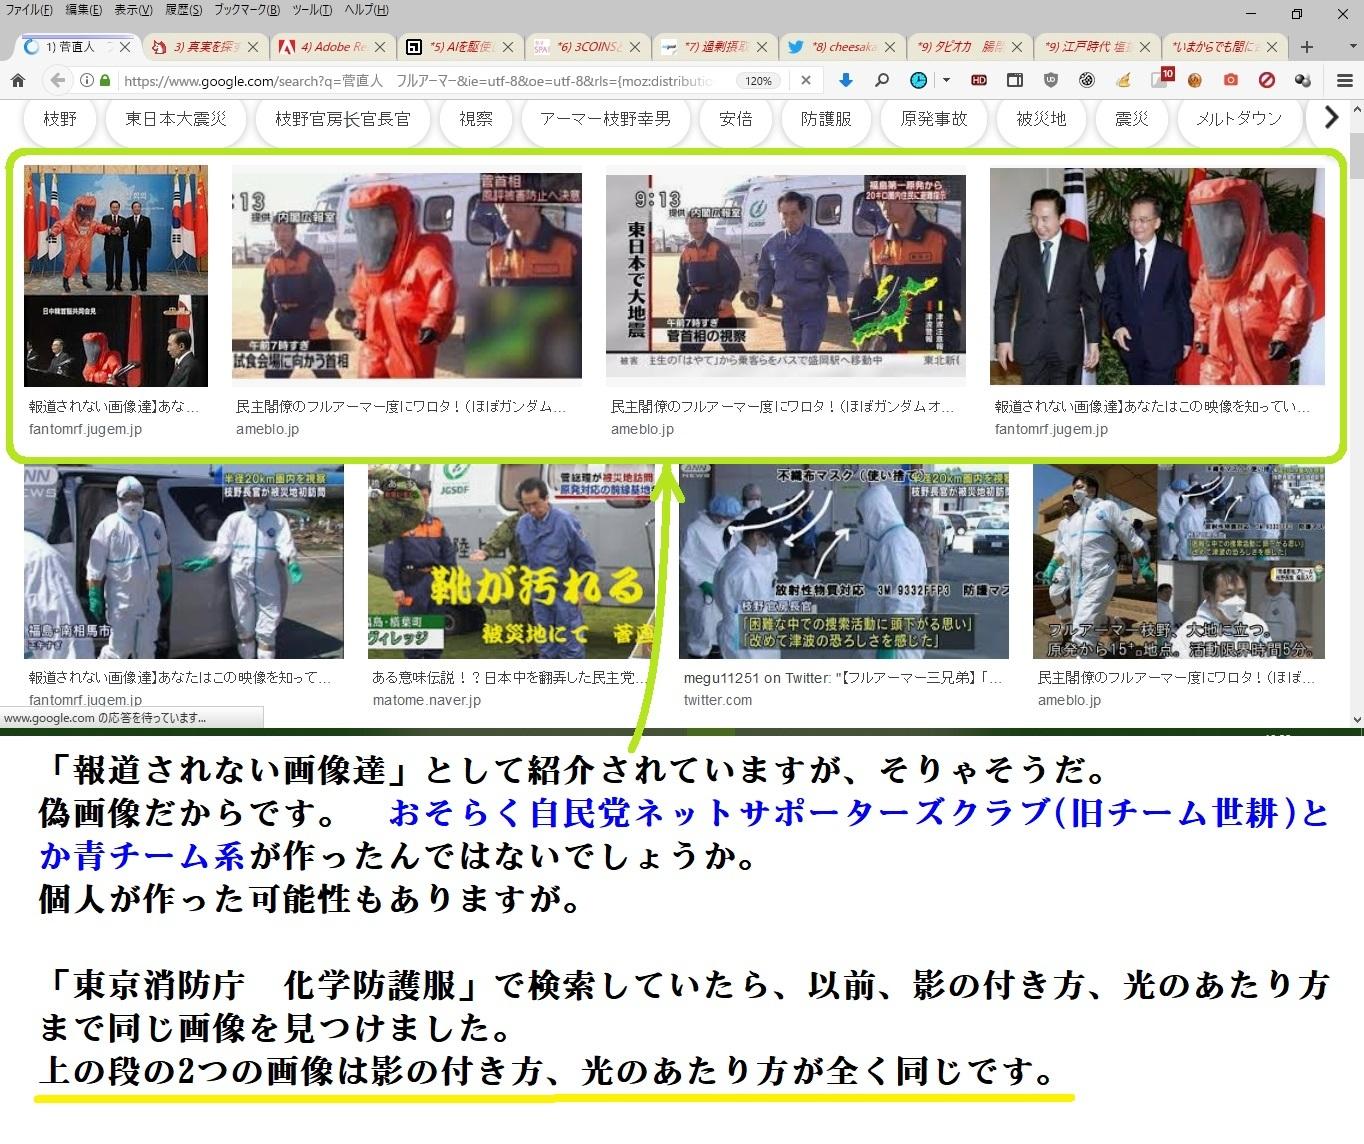 フルアーマー菅直人の画像はPhotoshop加工されたものだった。東京消防庁の化学防護服の画像が流用されたのか